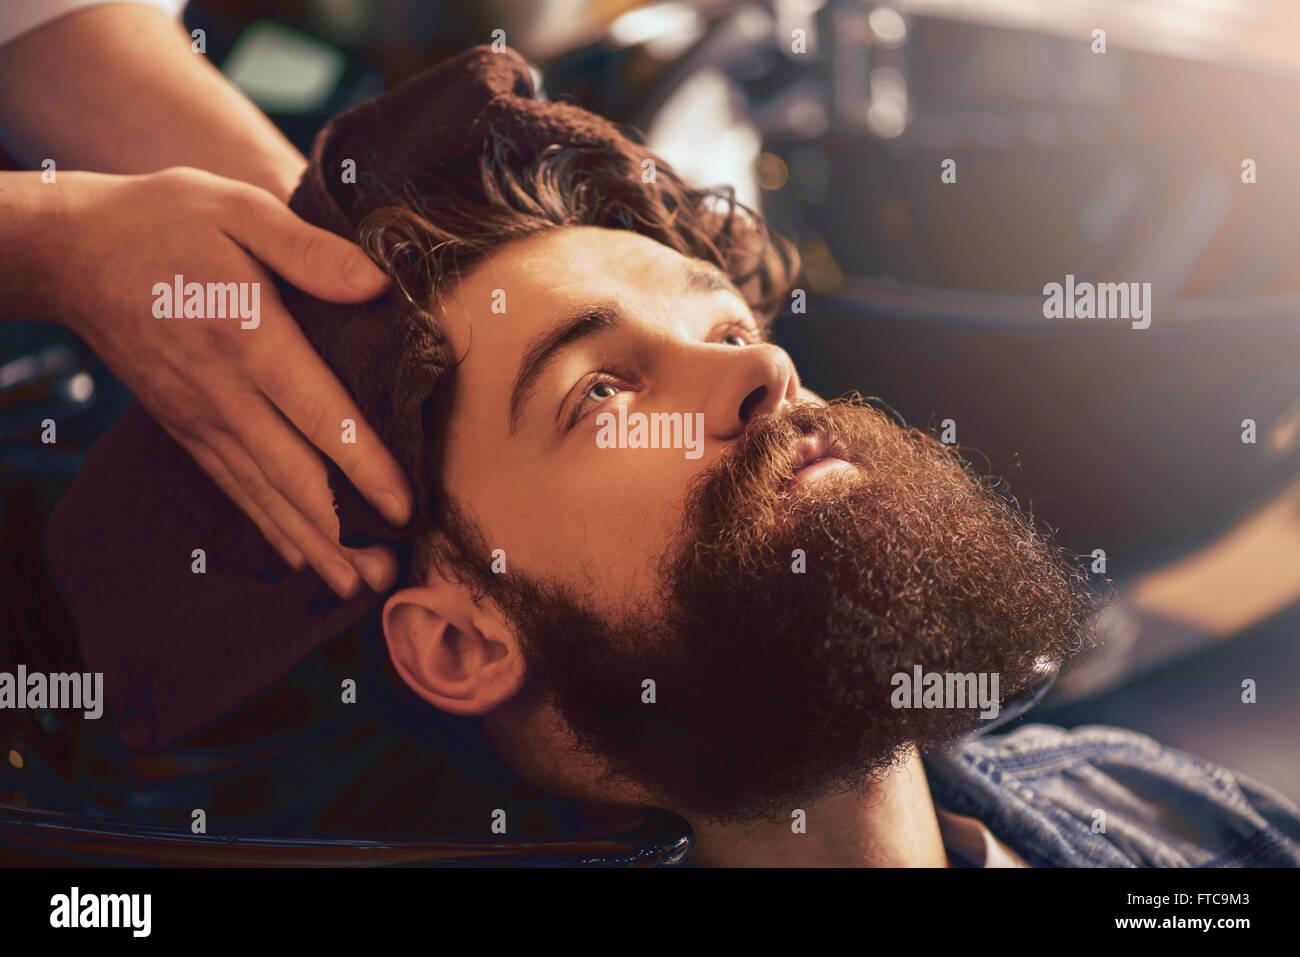 Salon de coiffure professionnel chef de séchage serviette avec son client Photo Stock